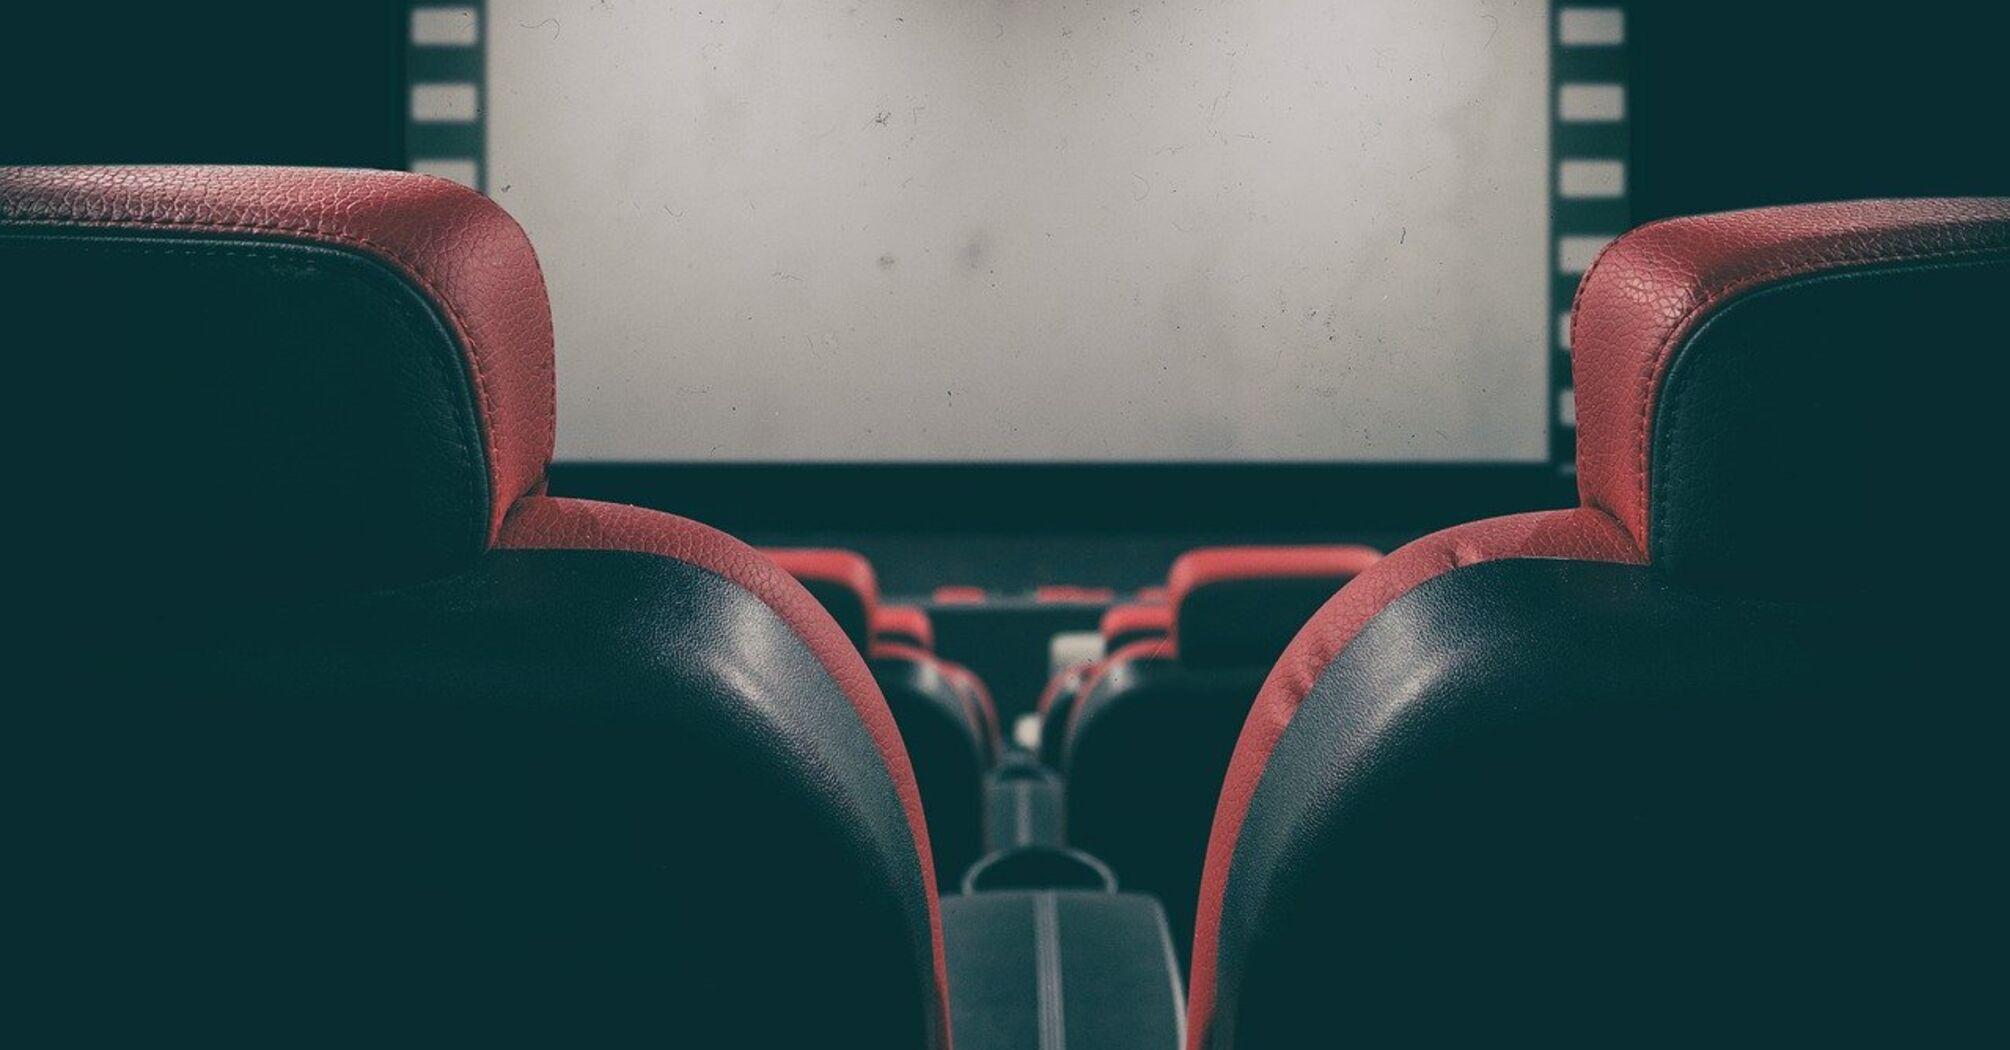 В Украине заработали кинотеатры: какие правила для посетителей